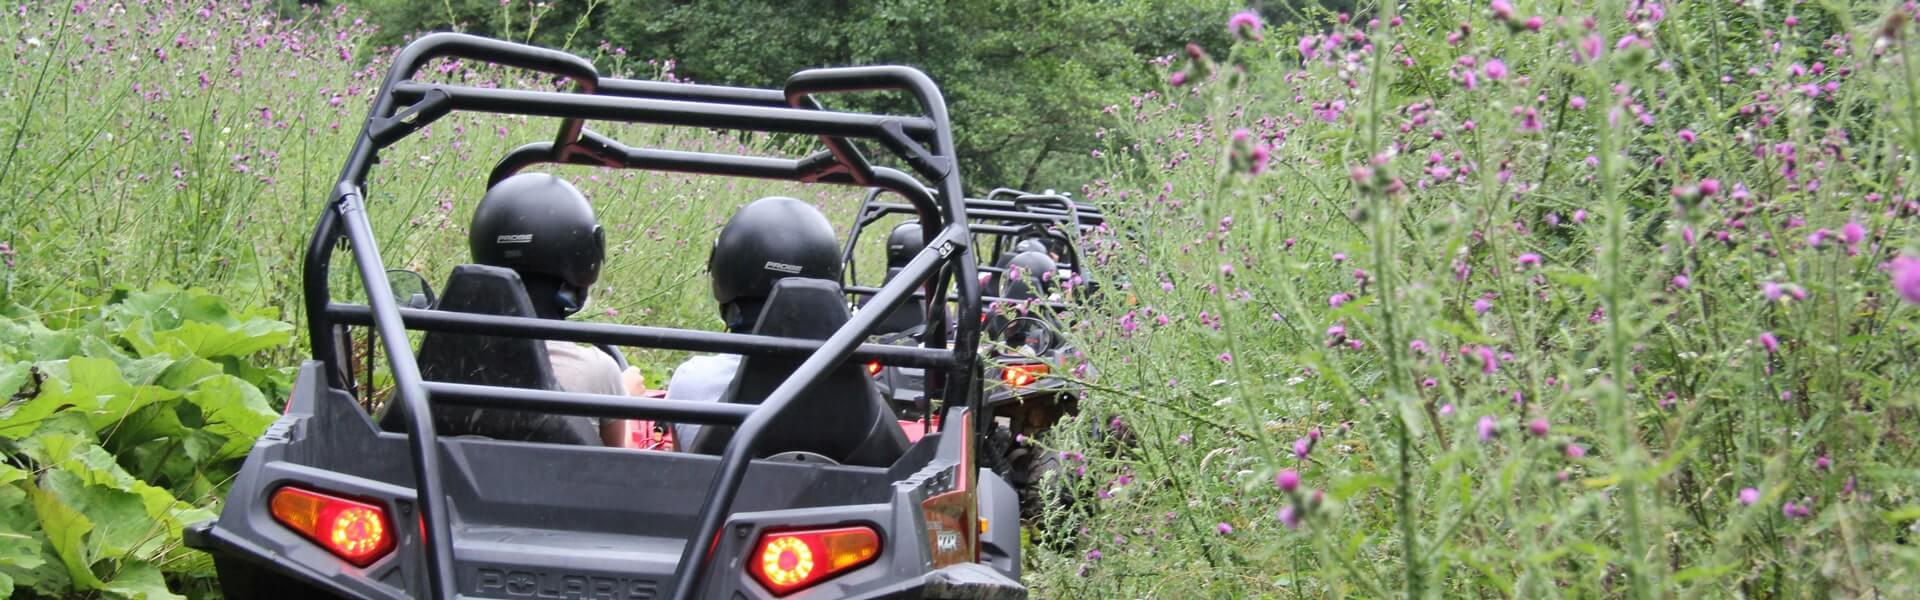 Polaris Fahrzeuge und Quads: PS starkes Teambuilding outdoor durch den Wald und auf den Berg